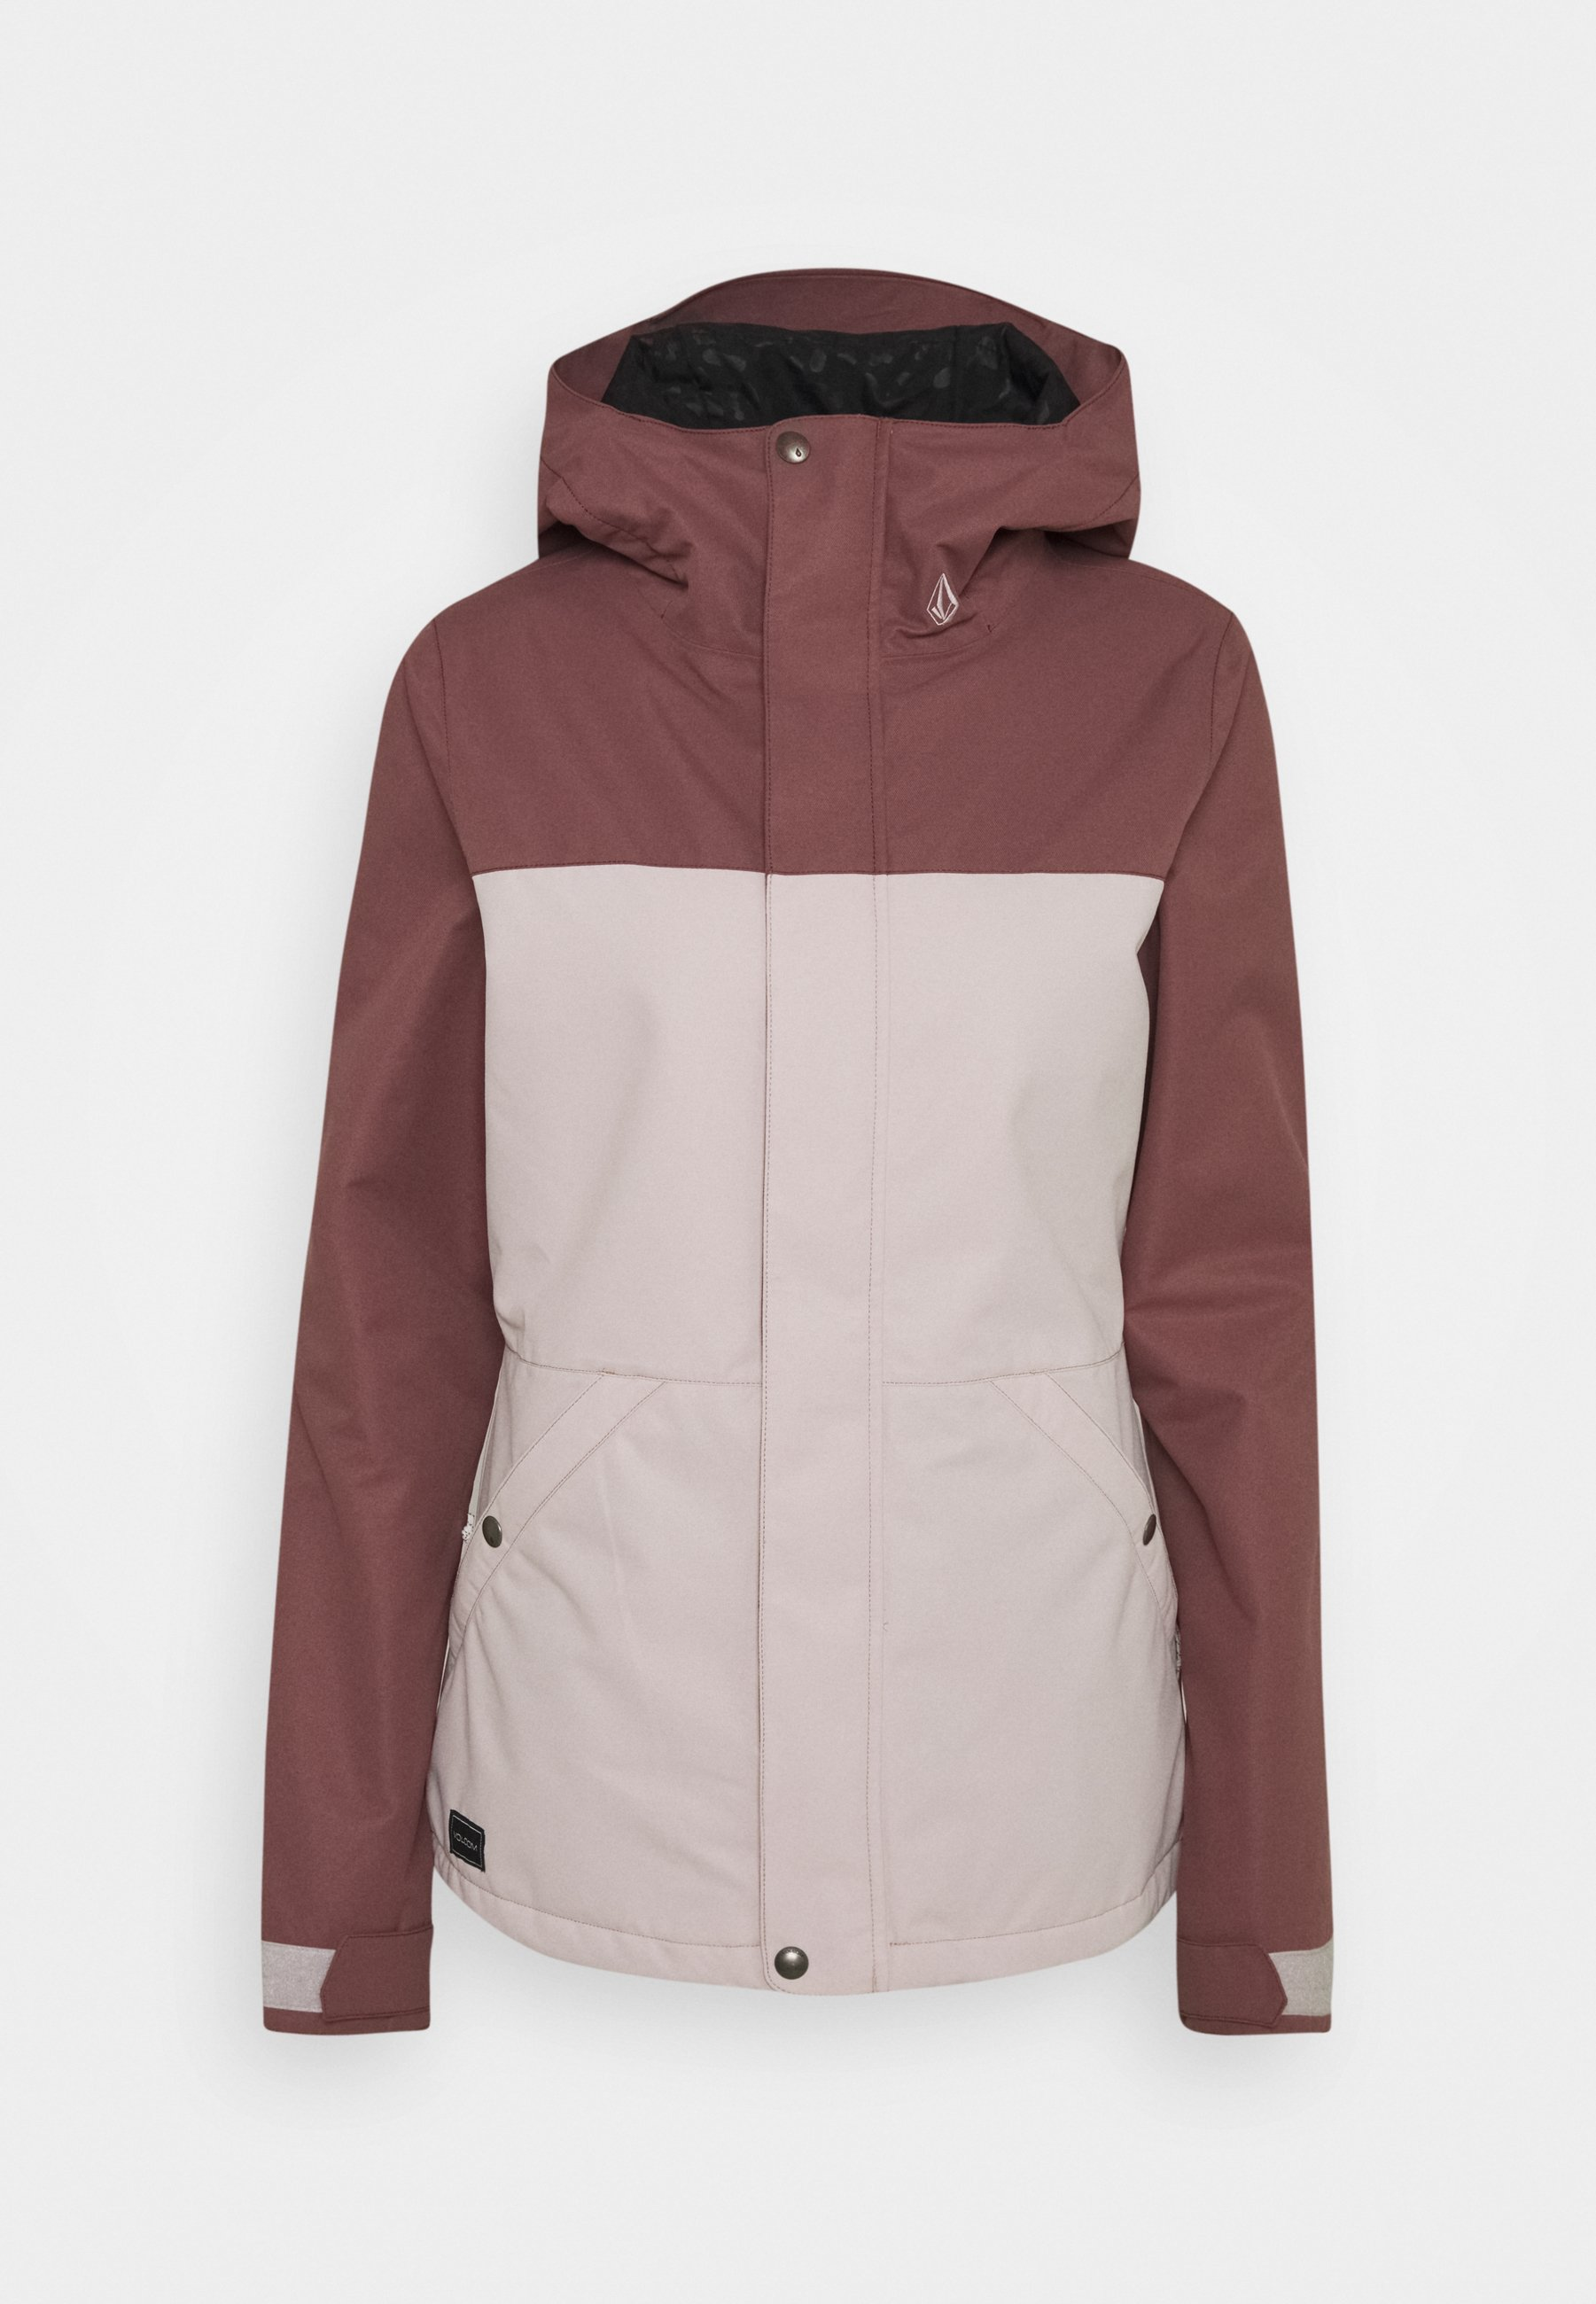 Pinke Sport Jacken & Westen für Damen online shoppen | Zalando